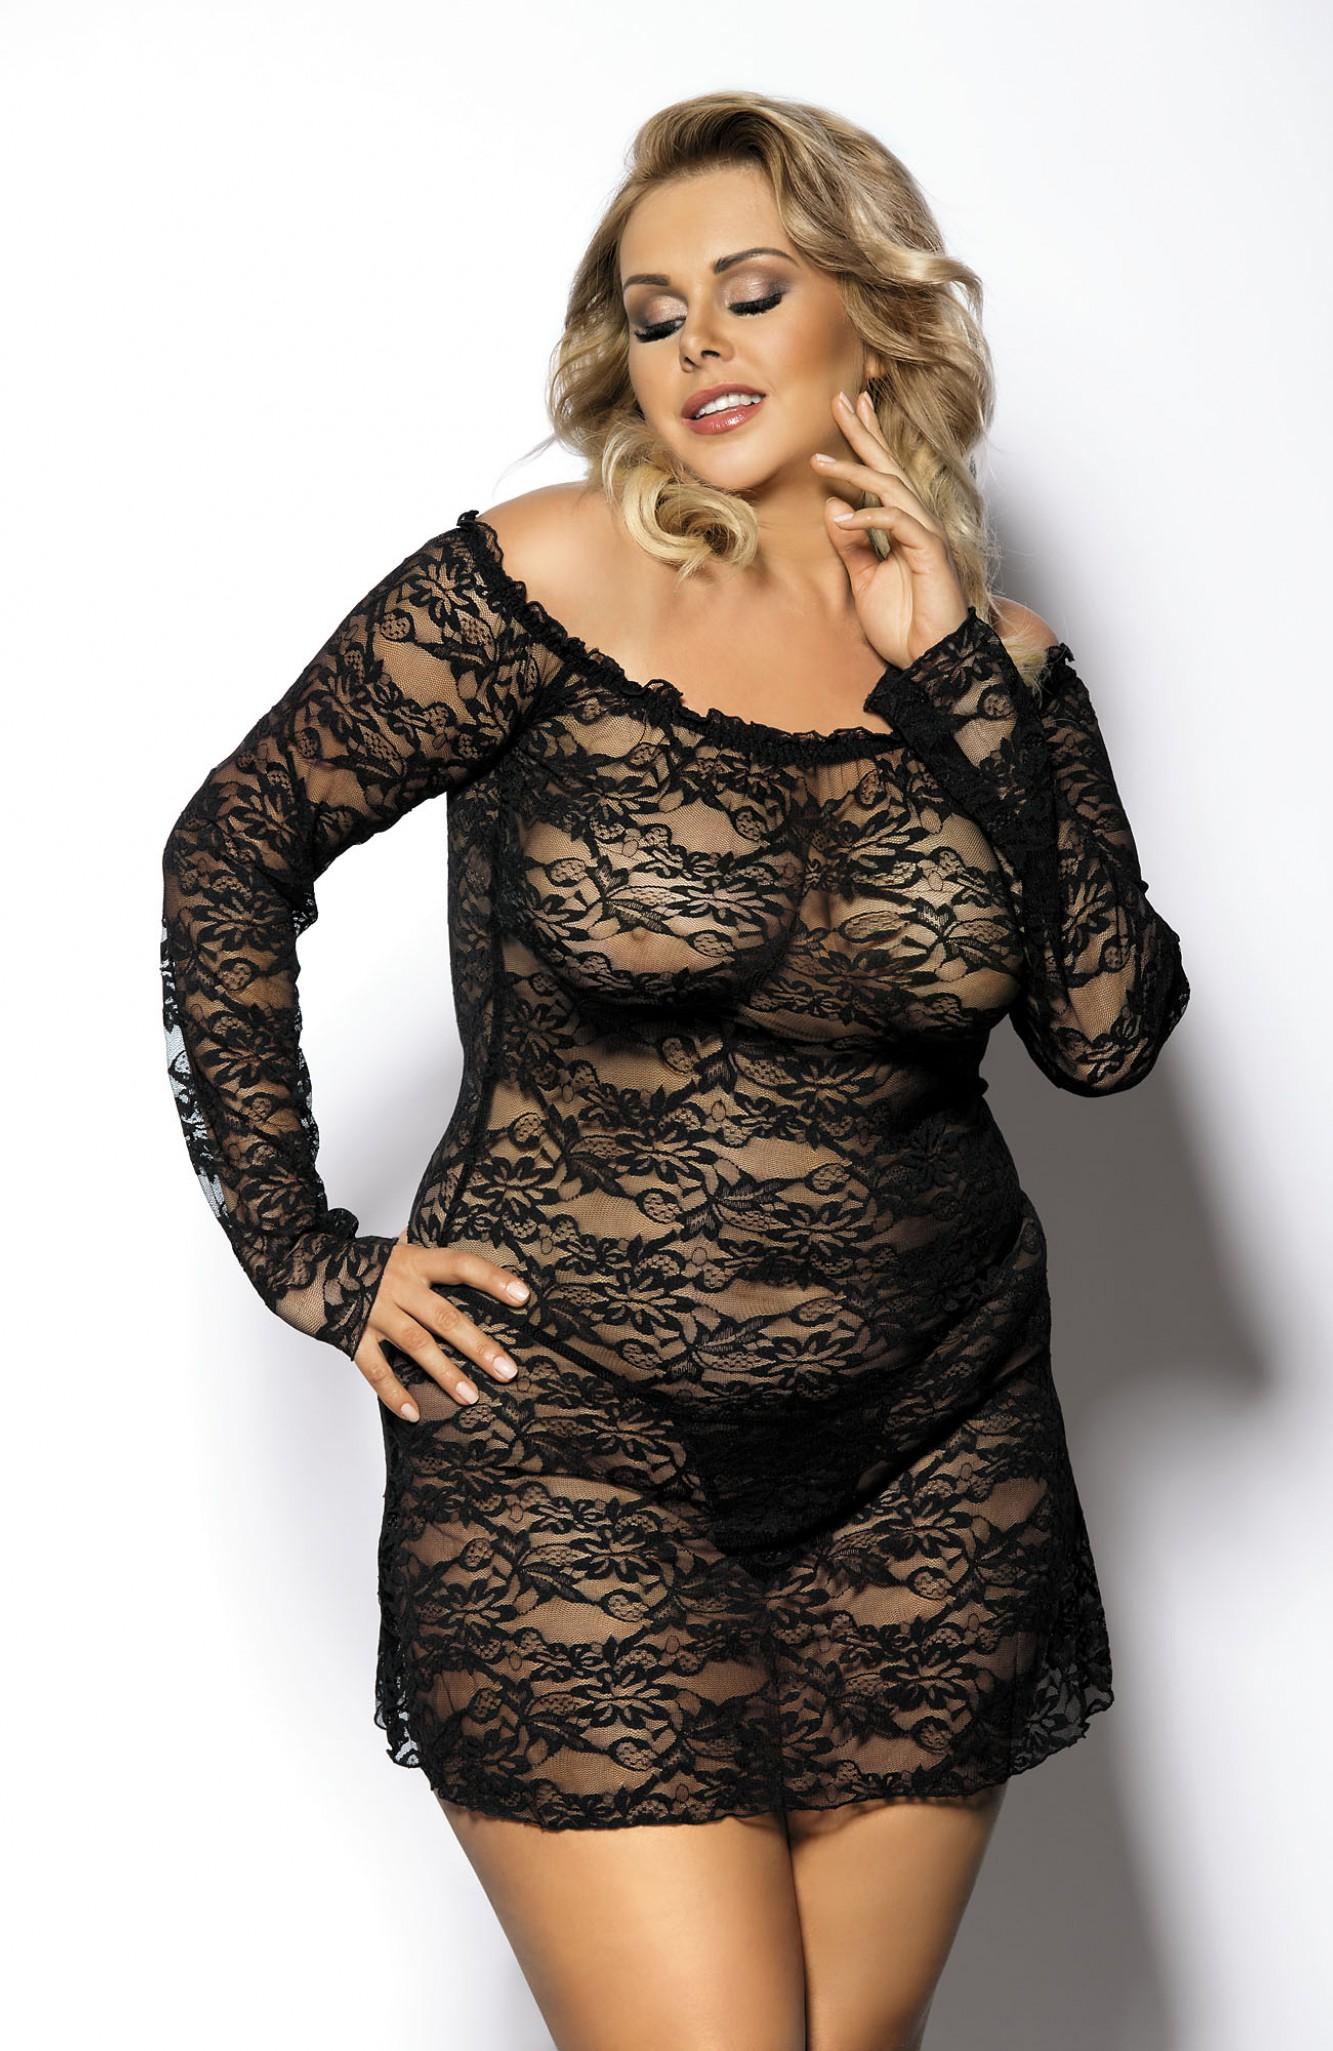 Сексуальная Одежда Больших Размеров Доставка